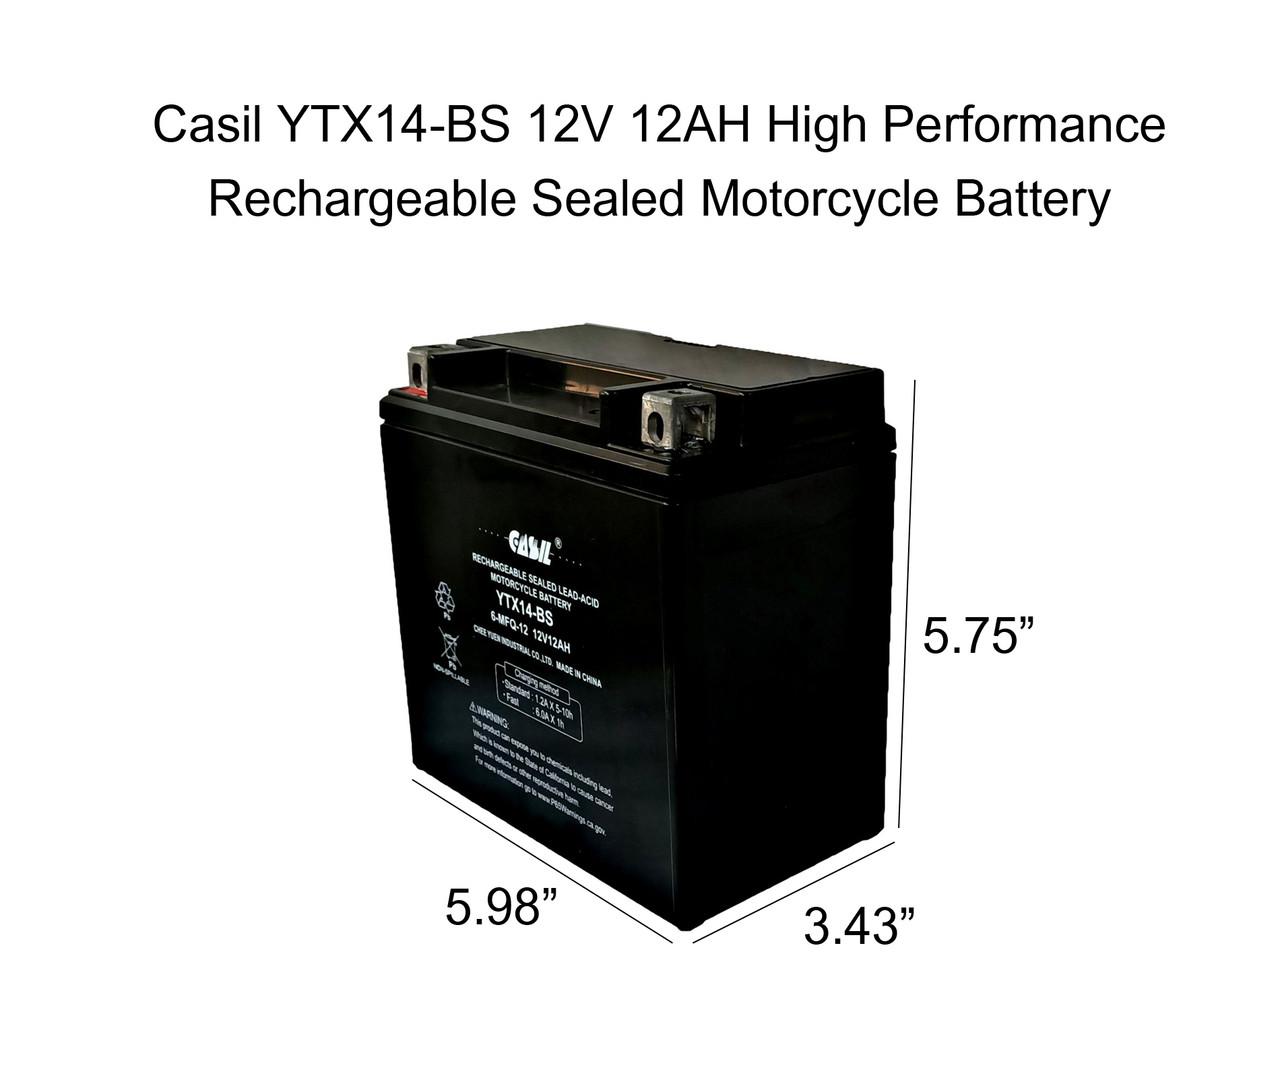 YTX14-BS - 12V 12AH 200 Cca - SLA Power Sport Battery - Casil Battery